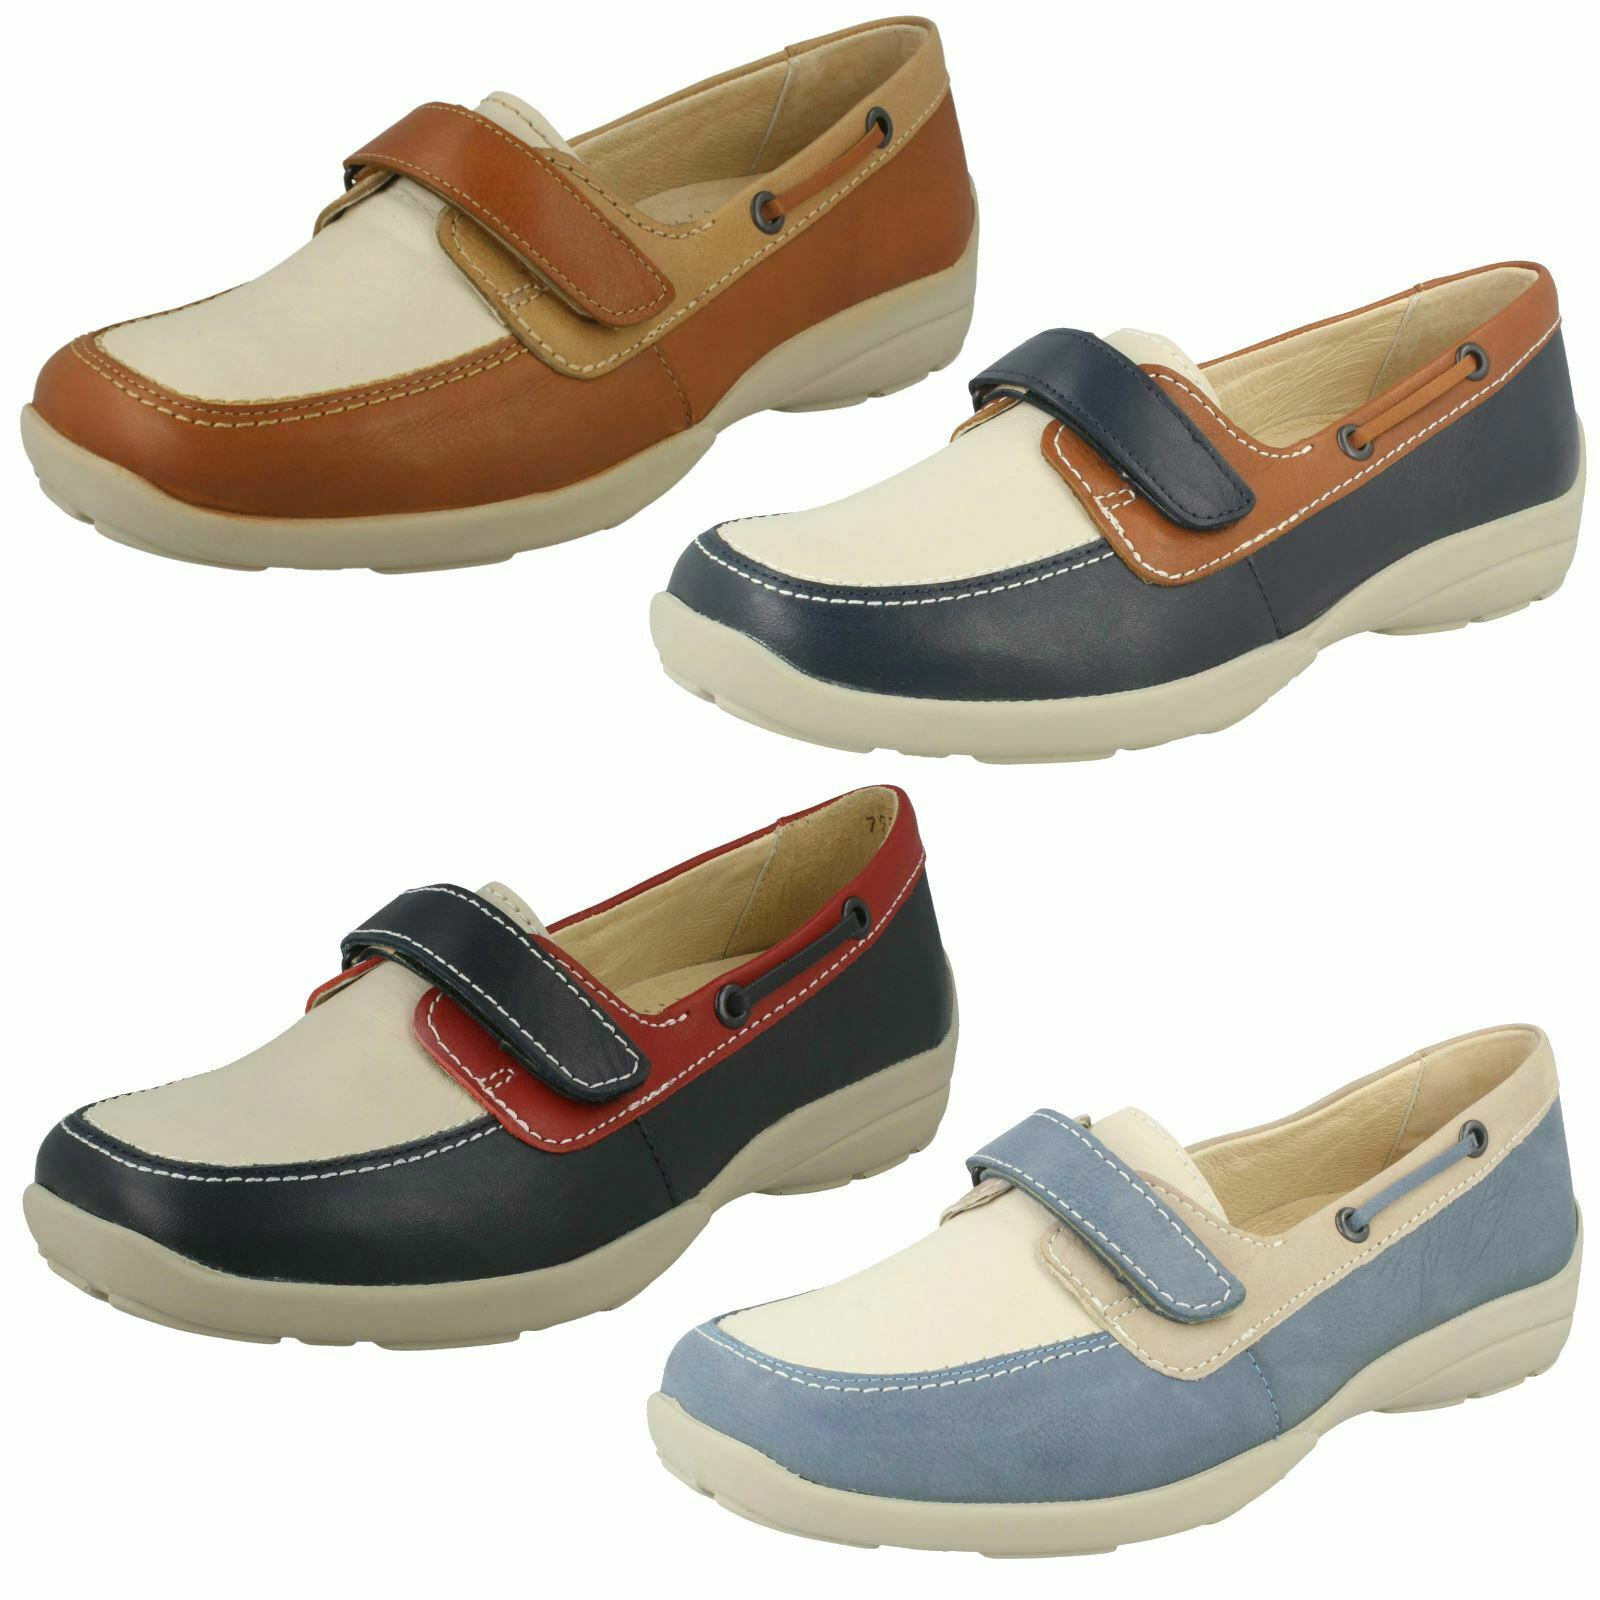 Ladies Easy B Flat Loafer Style Hook And Loop shoes Elizabeth